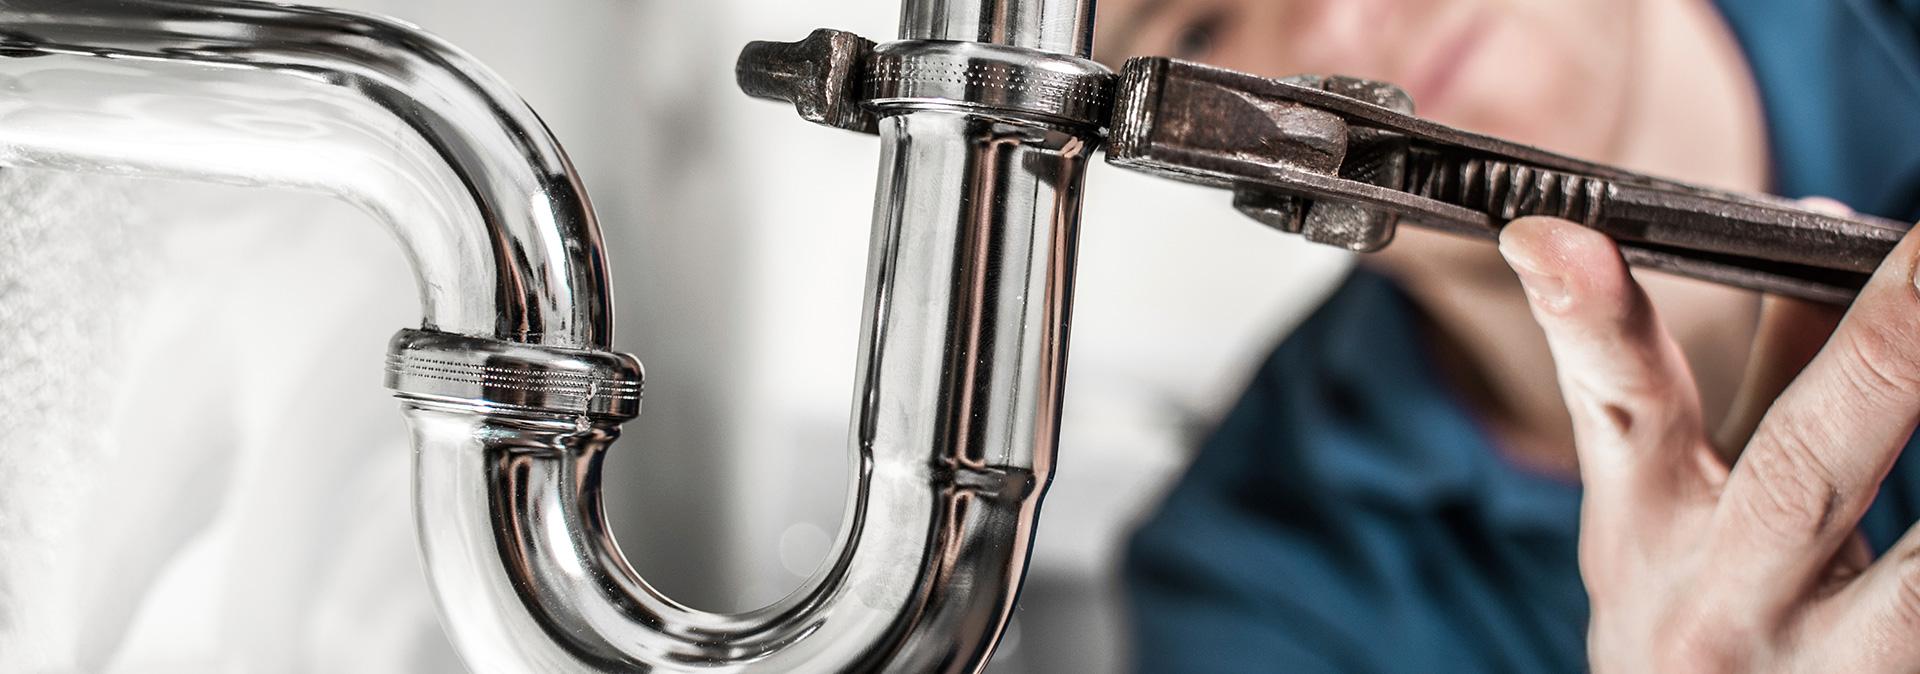 negozio arredo bagno e forniture idrauliche ravenna